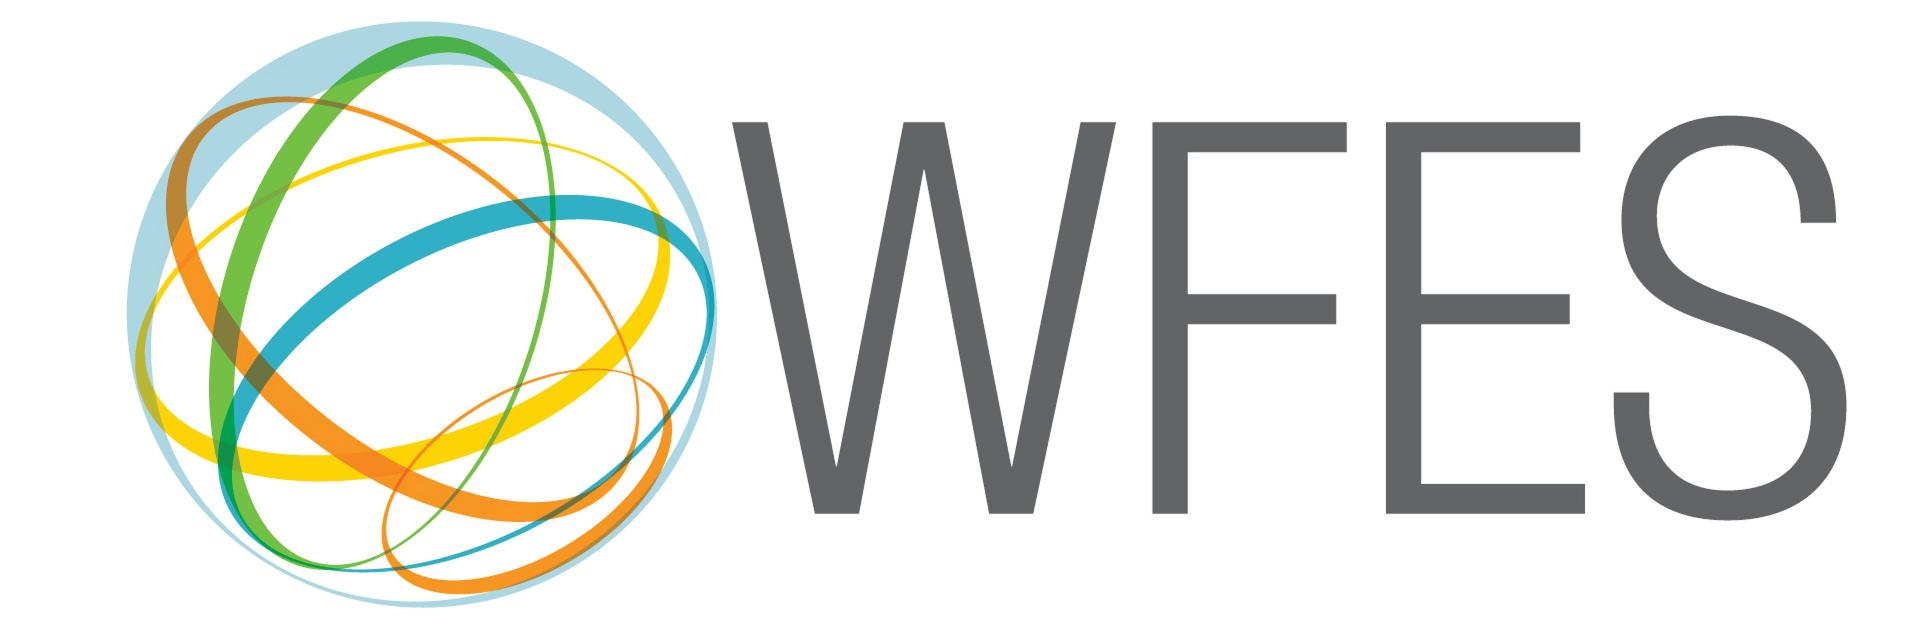 logo-cti-world-series.png